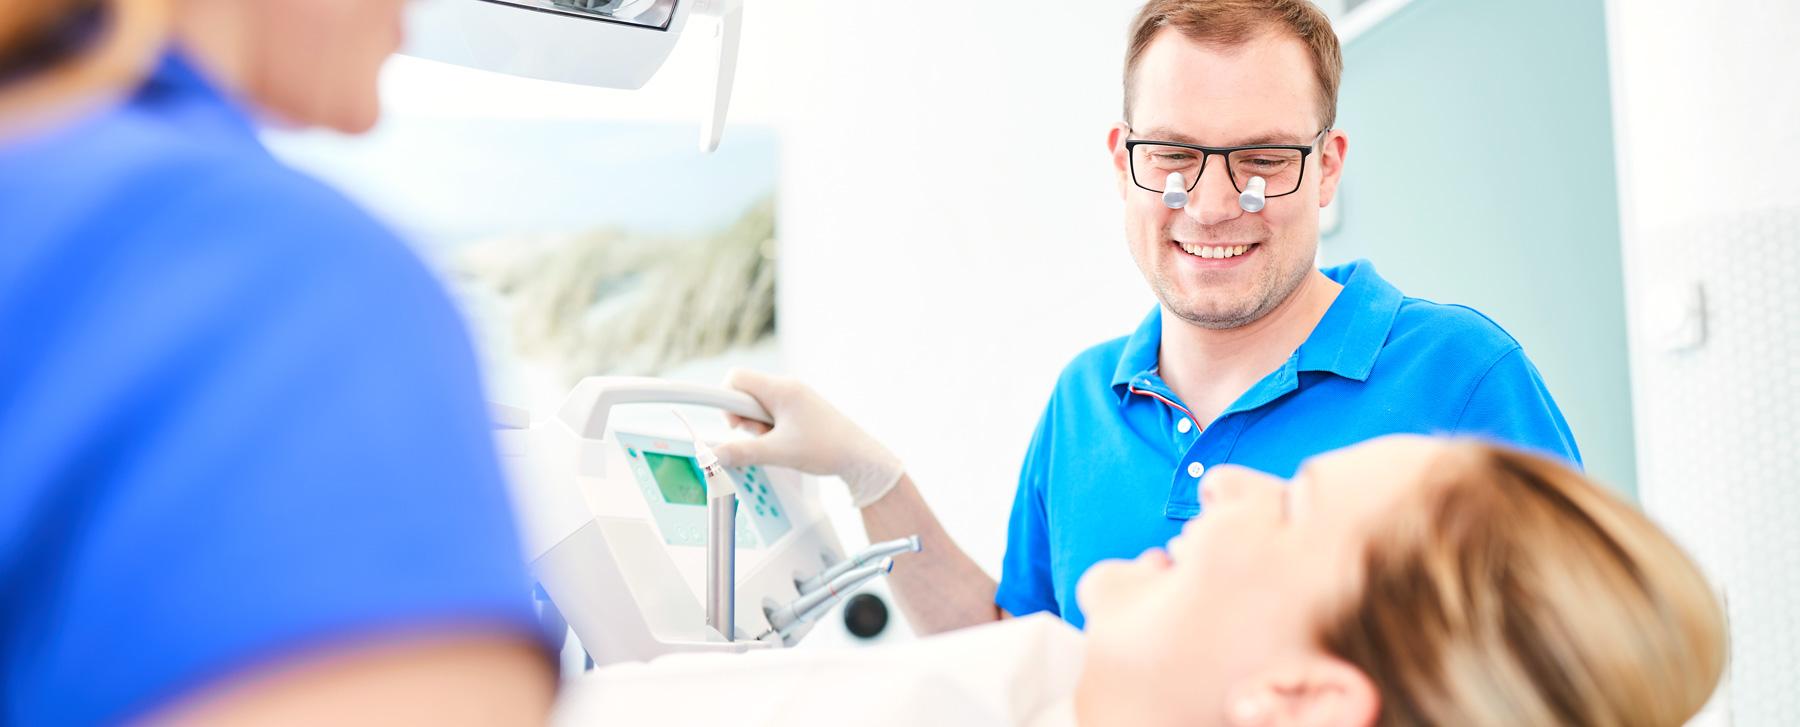 Zahnarzt Dr. Schraivogel - Behandlung 1